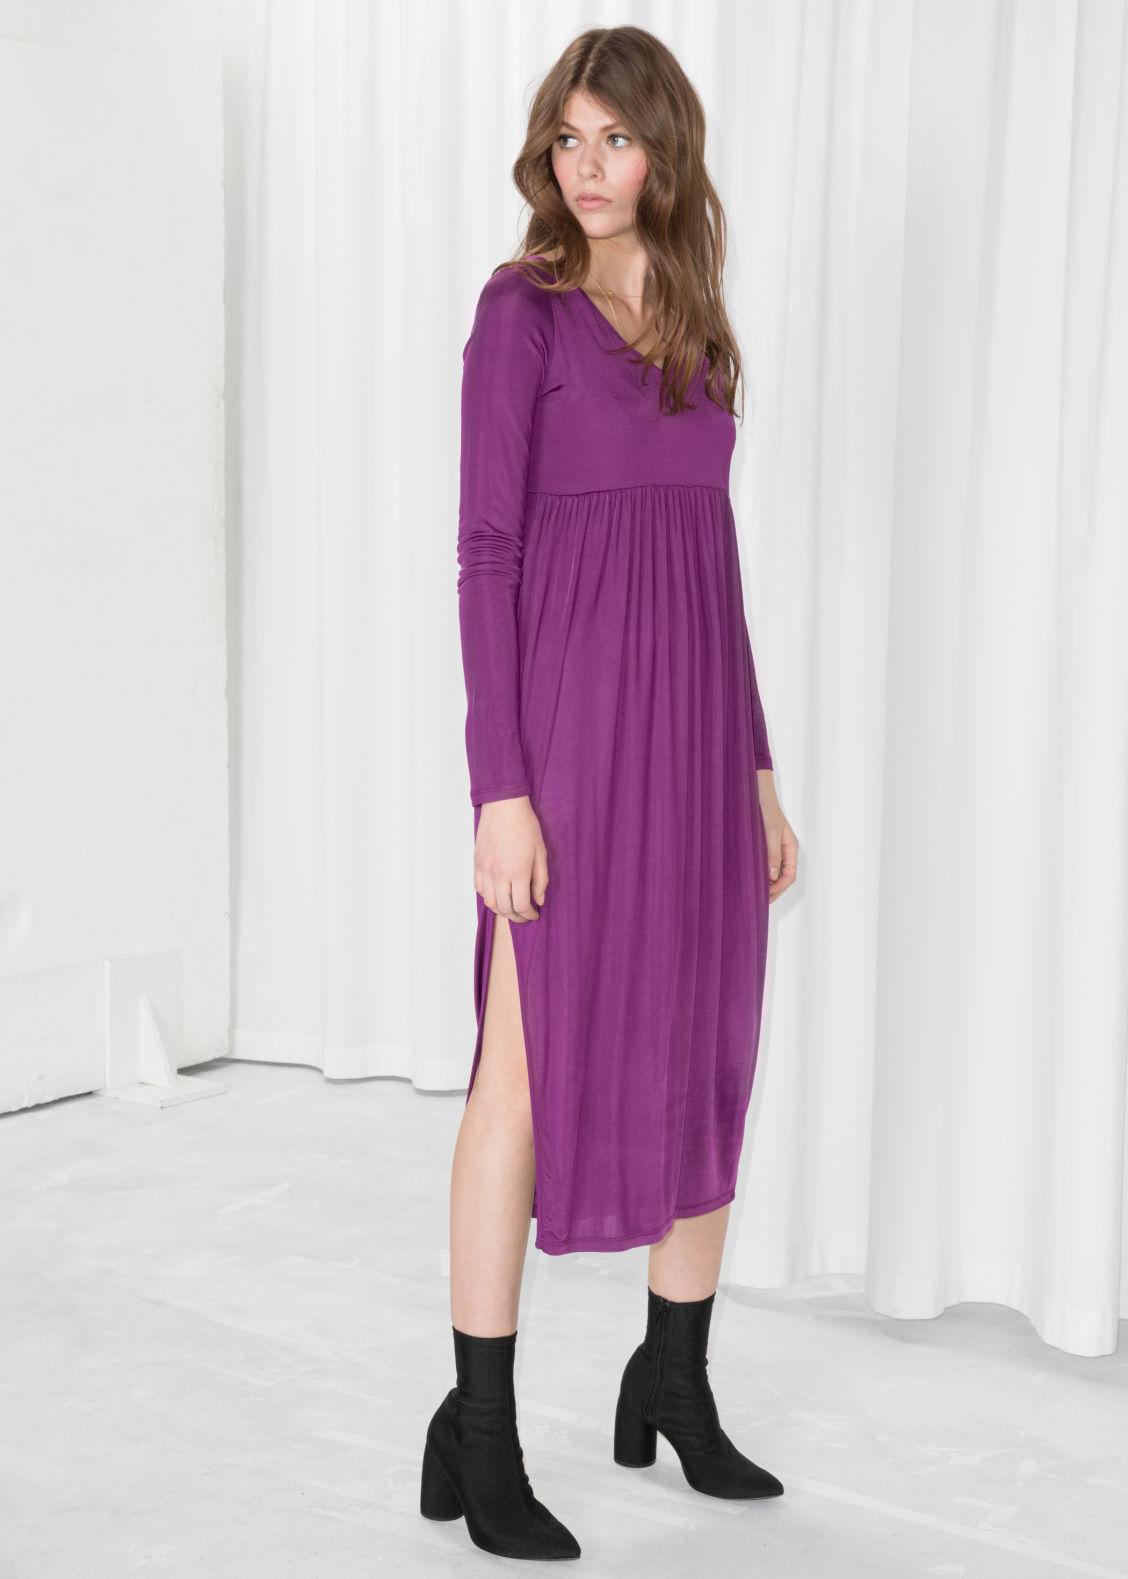 efd330de10d5 Midi Dress - Purple - Midi dresses -   Other Stories